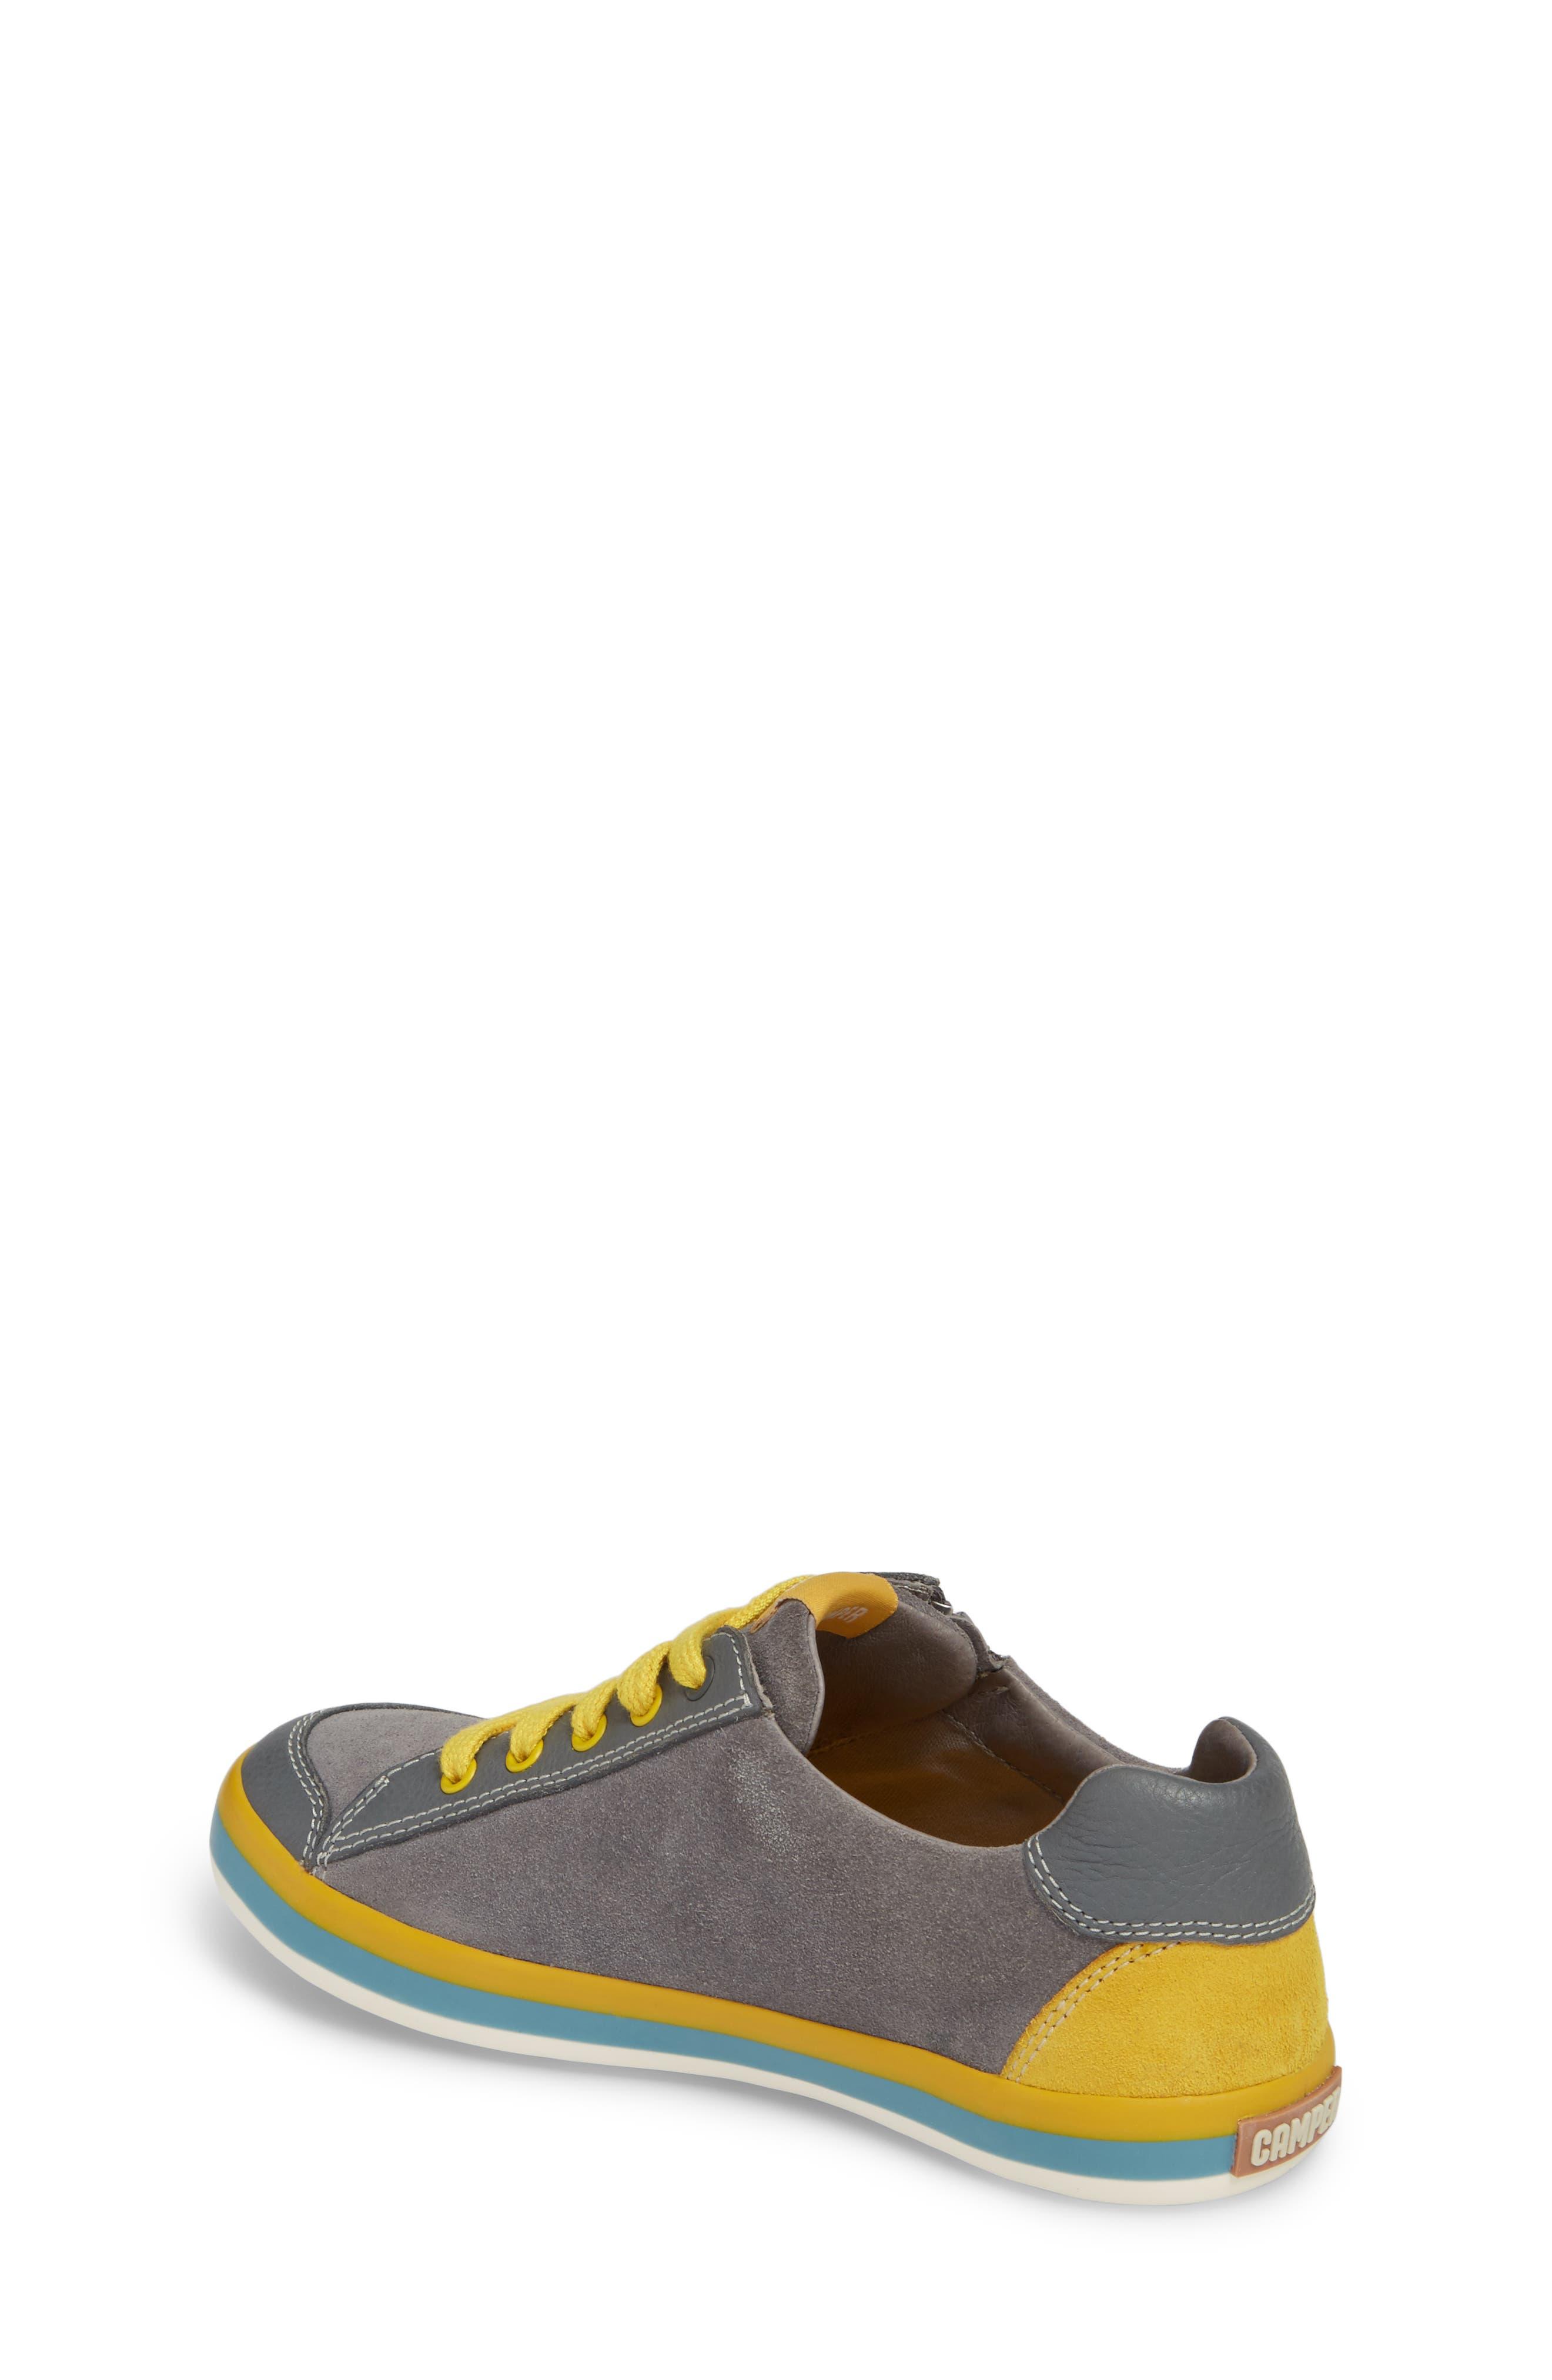 Pursuit Sneaker,                             Alternate thumbnail 2, color,                             030